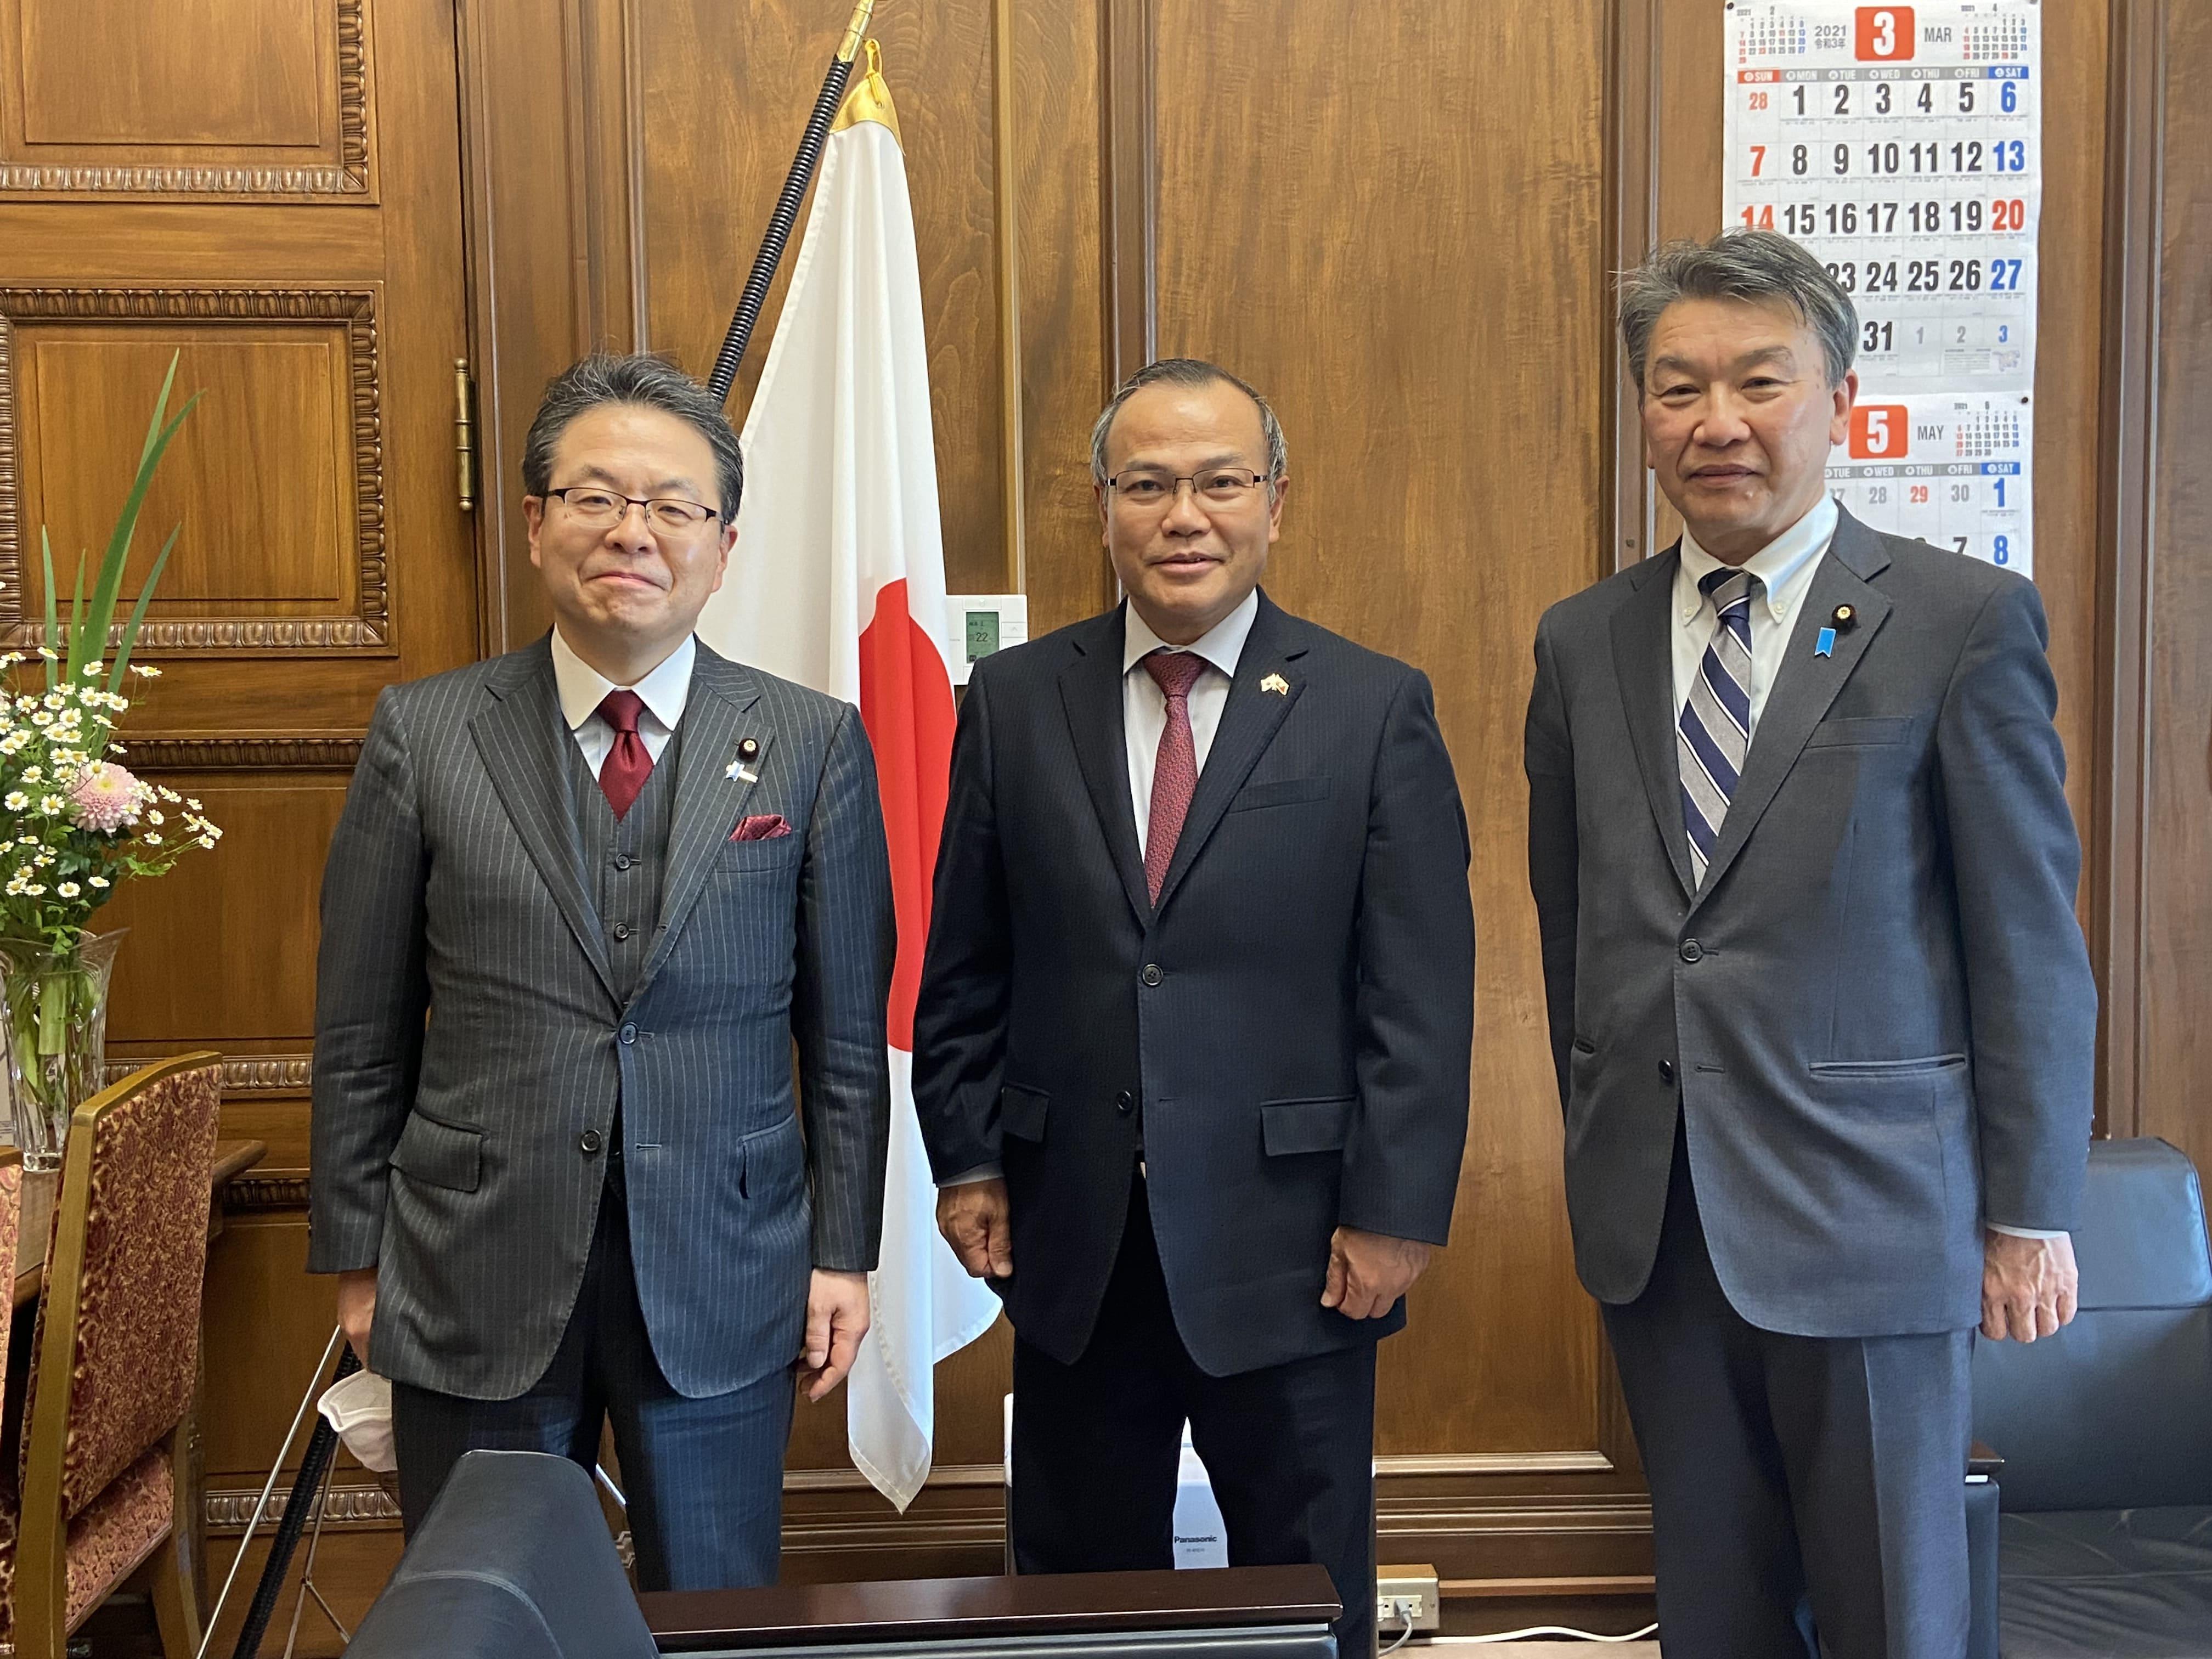 Đại sứ Vũ Hồng Nam chào Tổng Thư ký Đảng Dân chủ tự do cầm quyền (LDP) tại Thượng viện